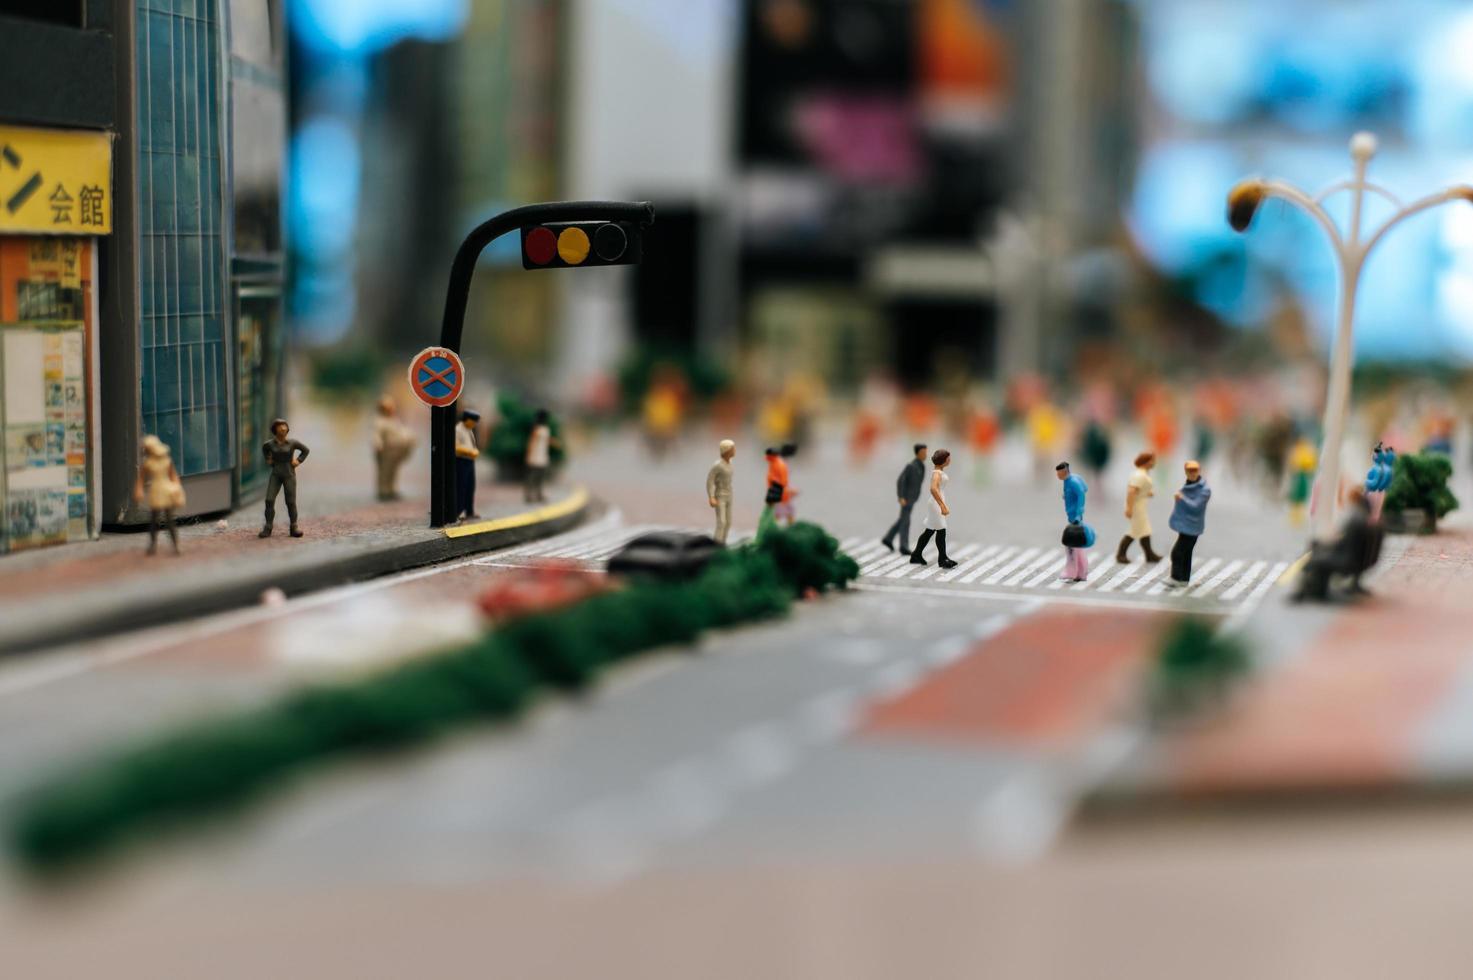 pequeño cambio de inclinación ciudad gente paisaje foto